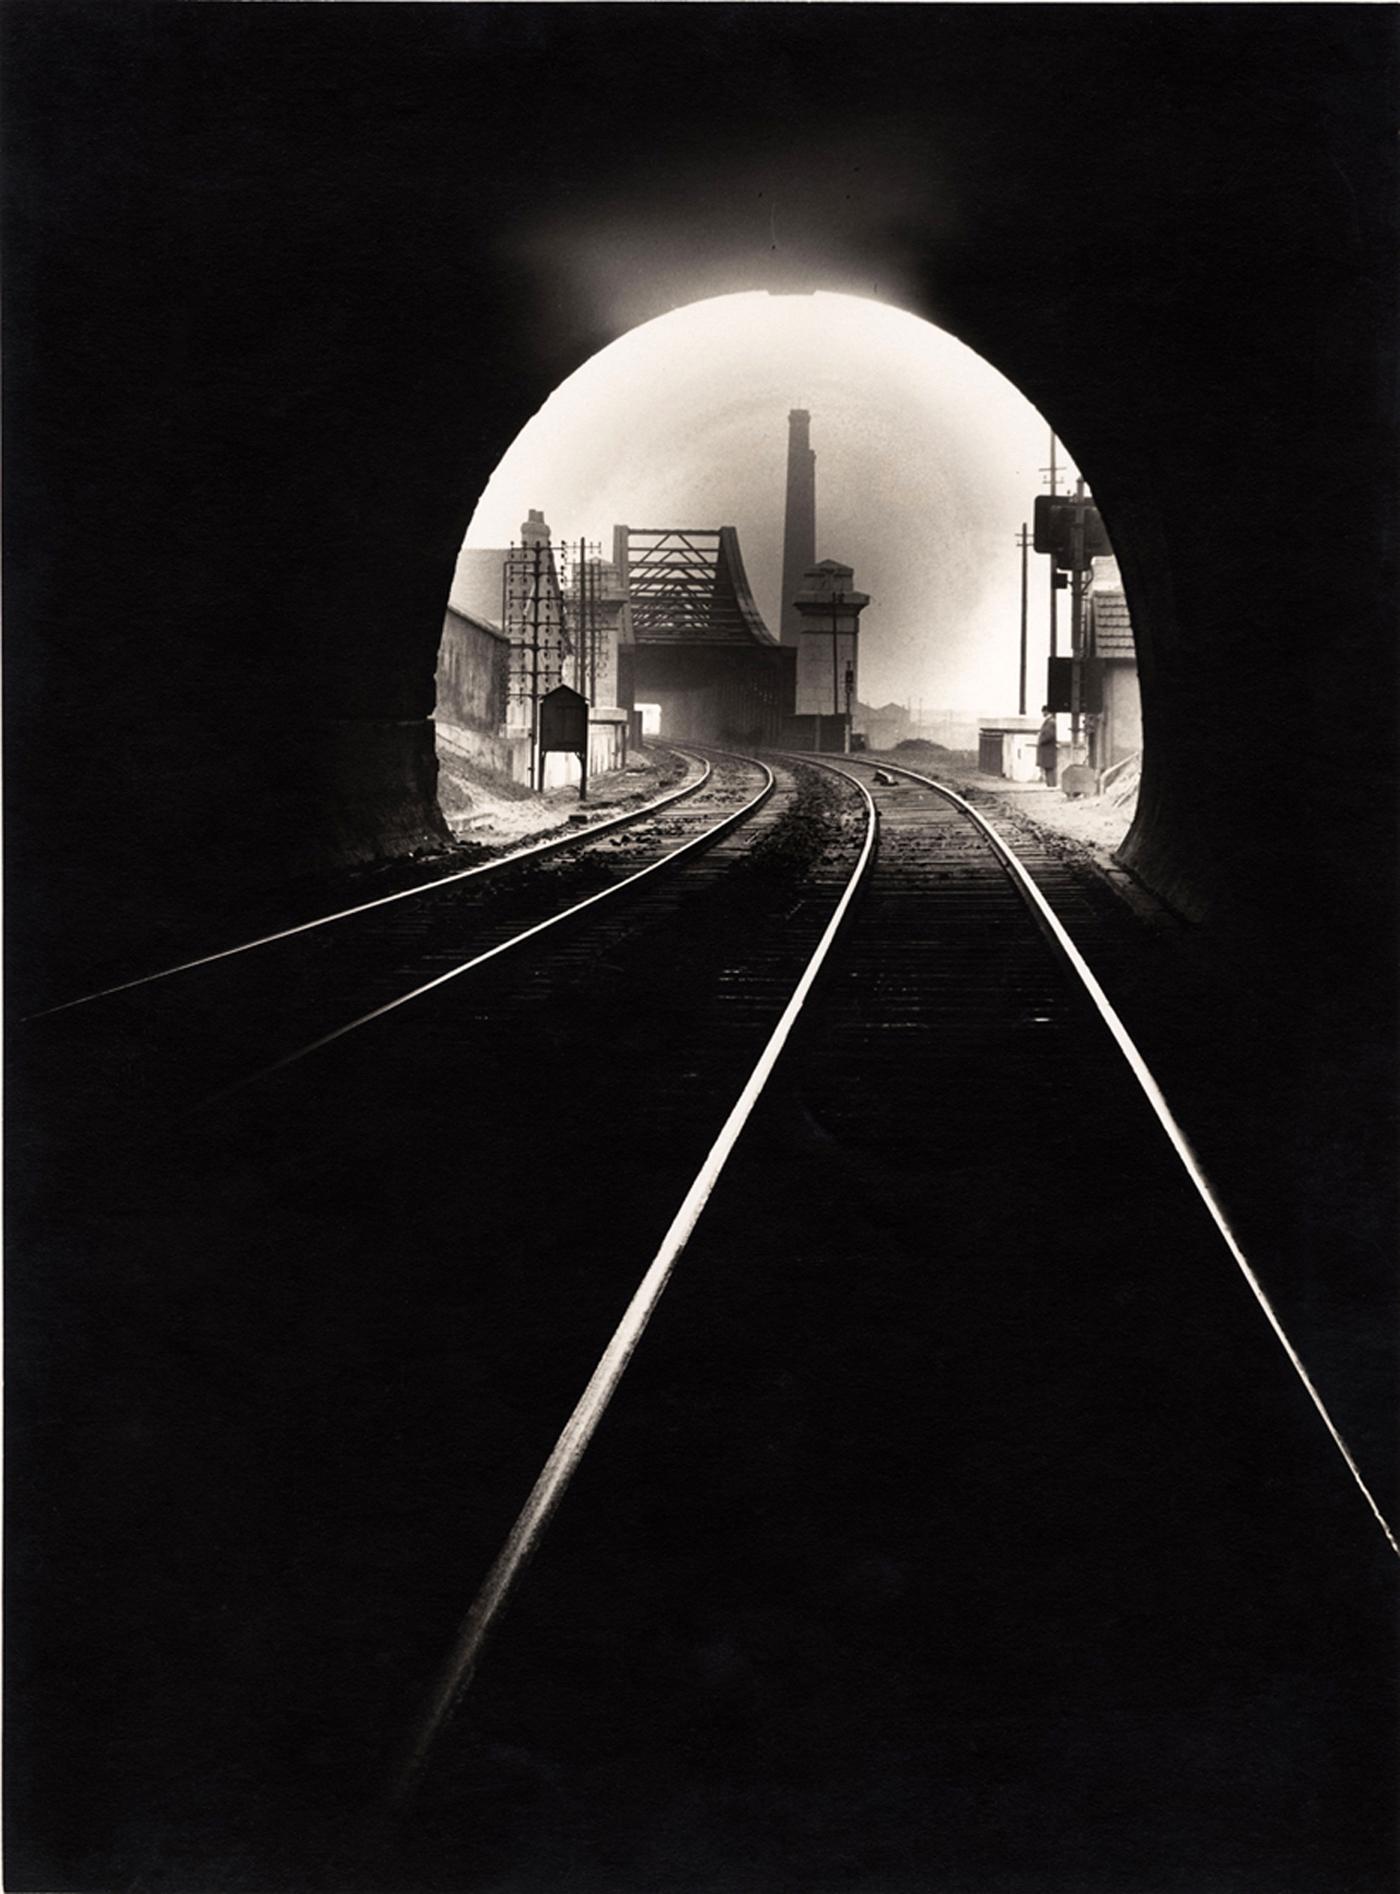 """François Kollar, """"Bouche du tunnel Sainte-Catherine, vers Sotteville-lés-Rouen, Rouen"""" (1932), 16,8 x 22,8 cm (donation François Kollar, Médiathèque de l'architecture et du patrimoine, Charenton-le-Pont)"""